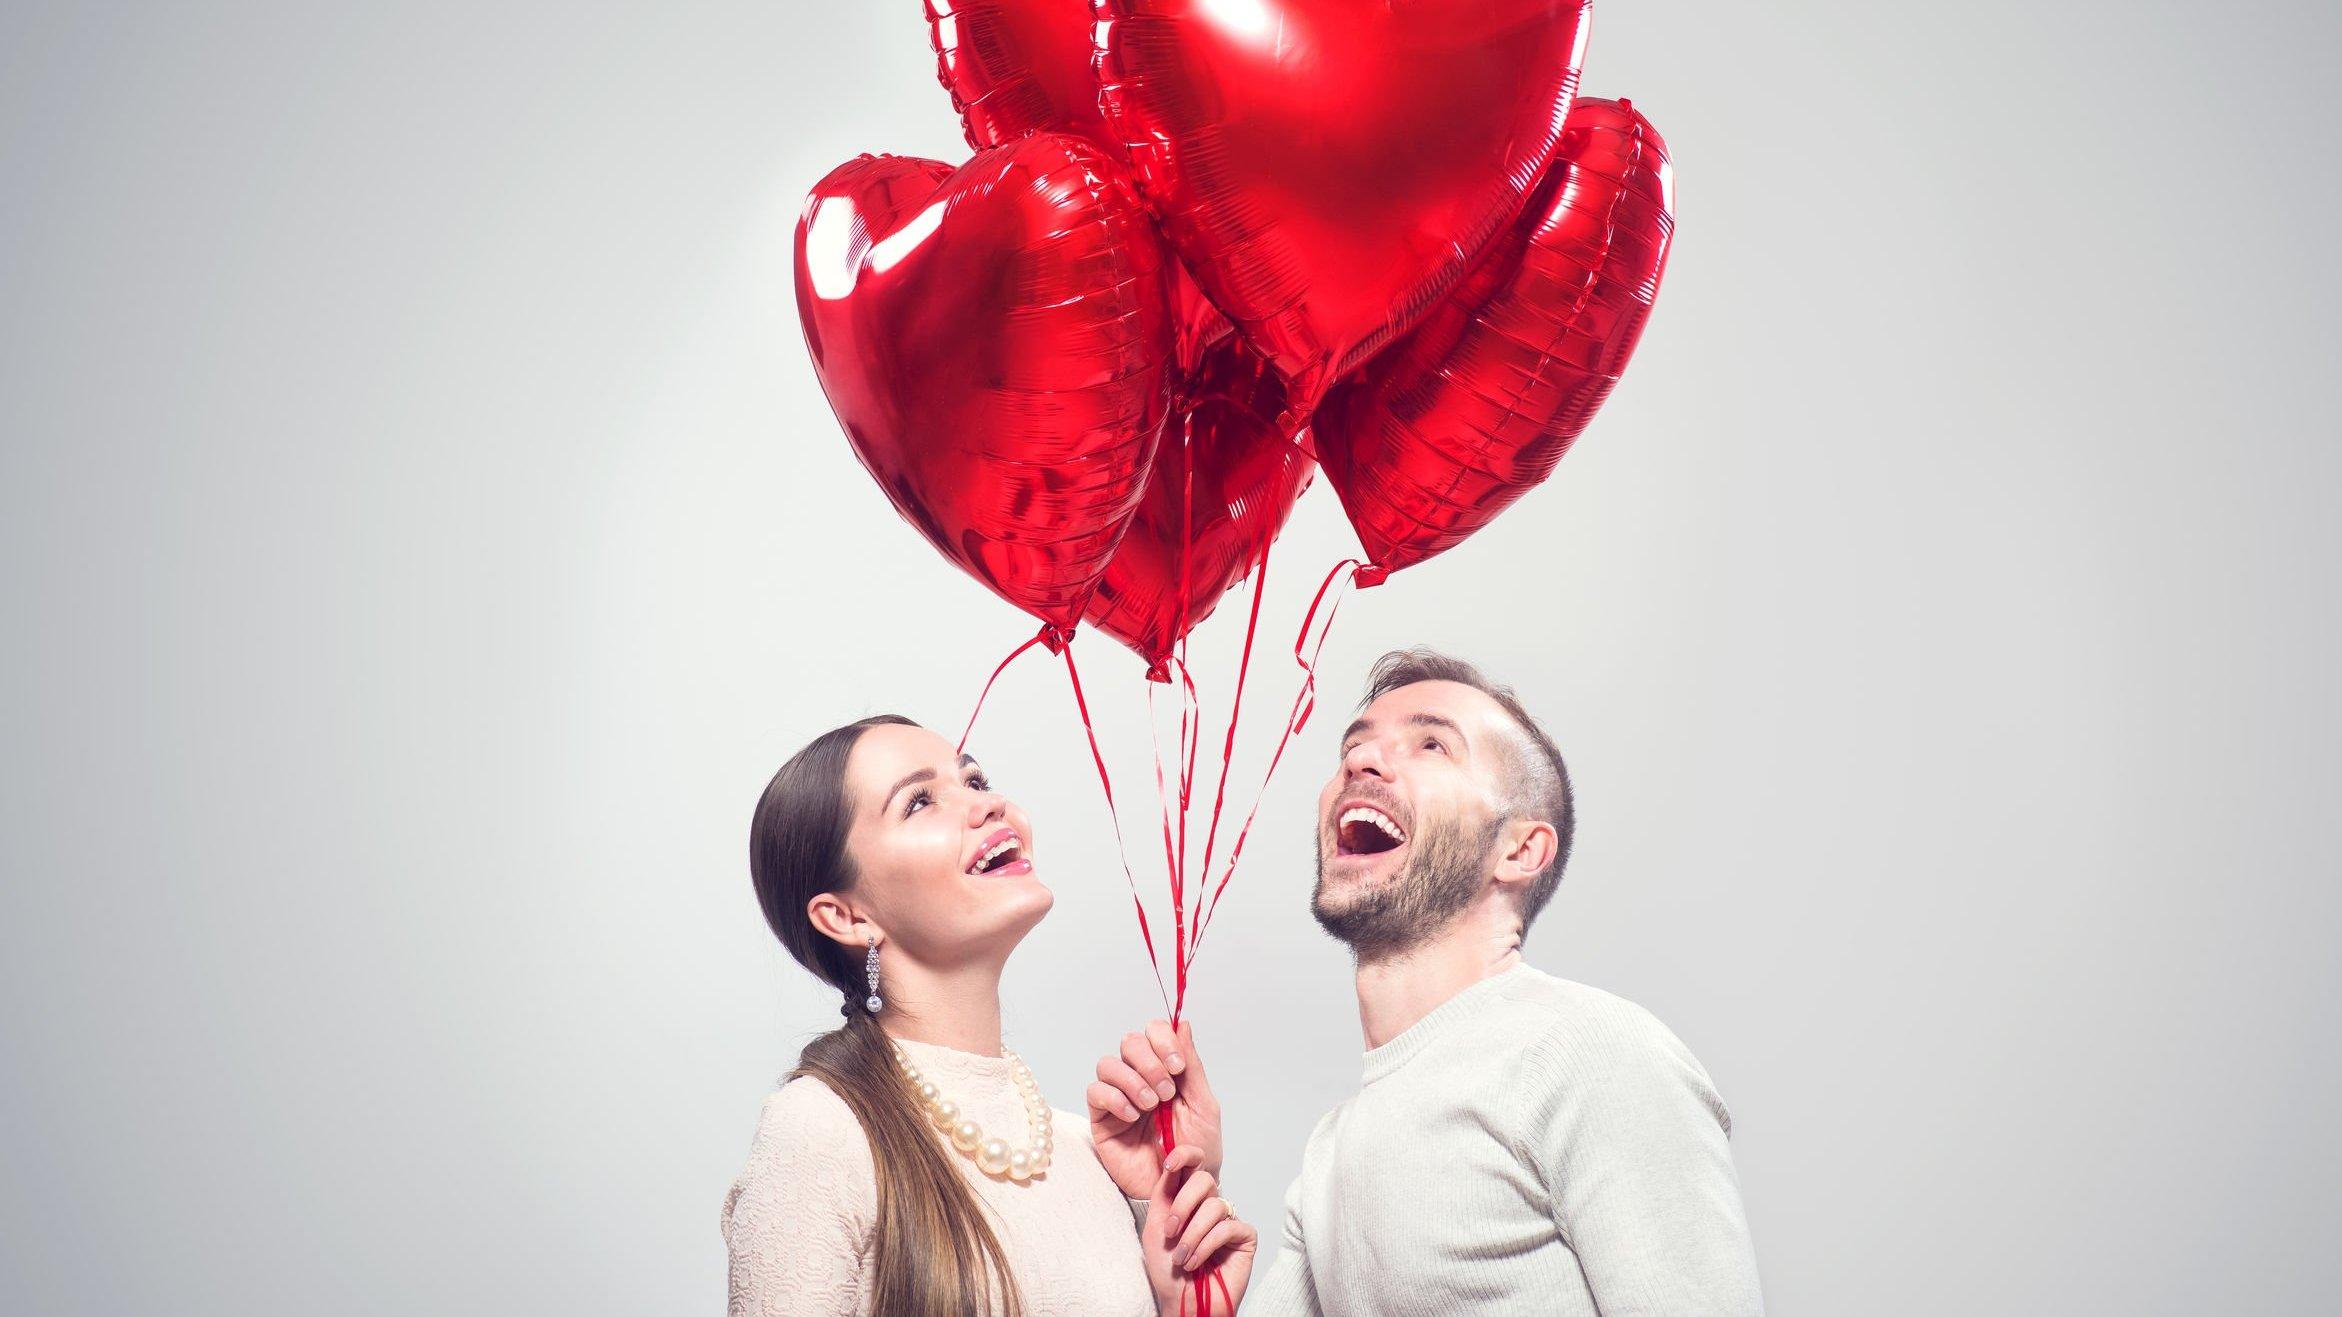 Homem e mulher seguram balões vermelhos em formato de coração